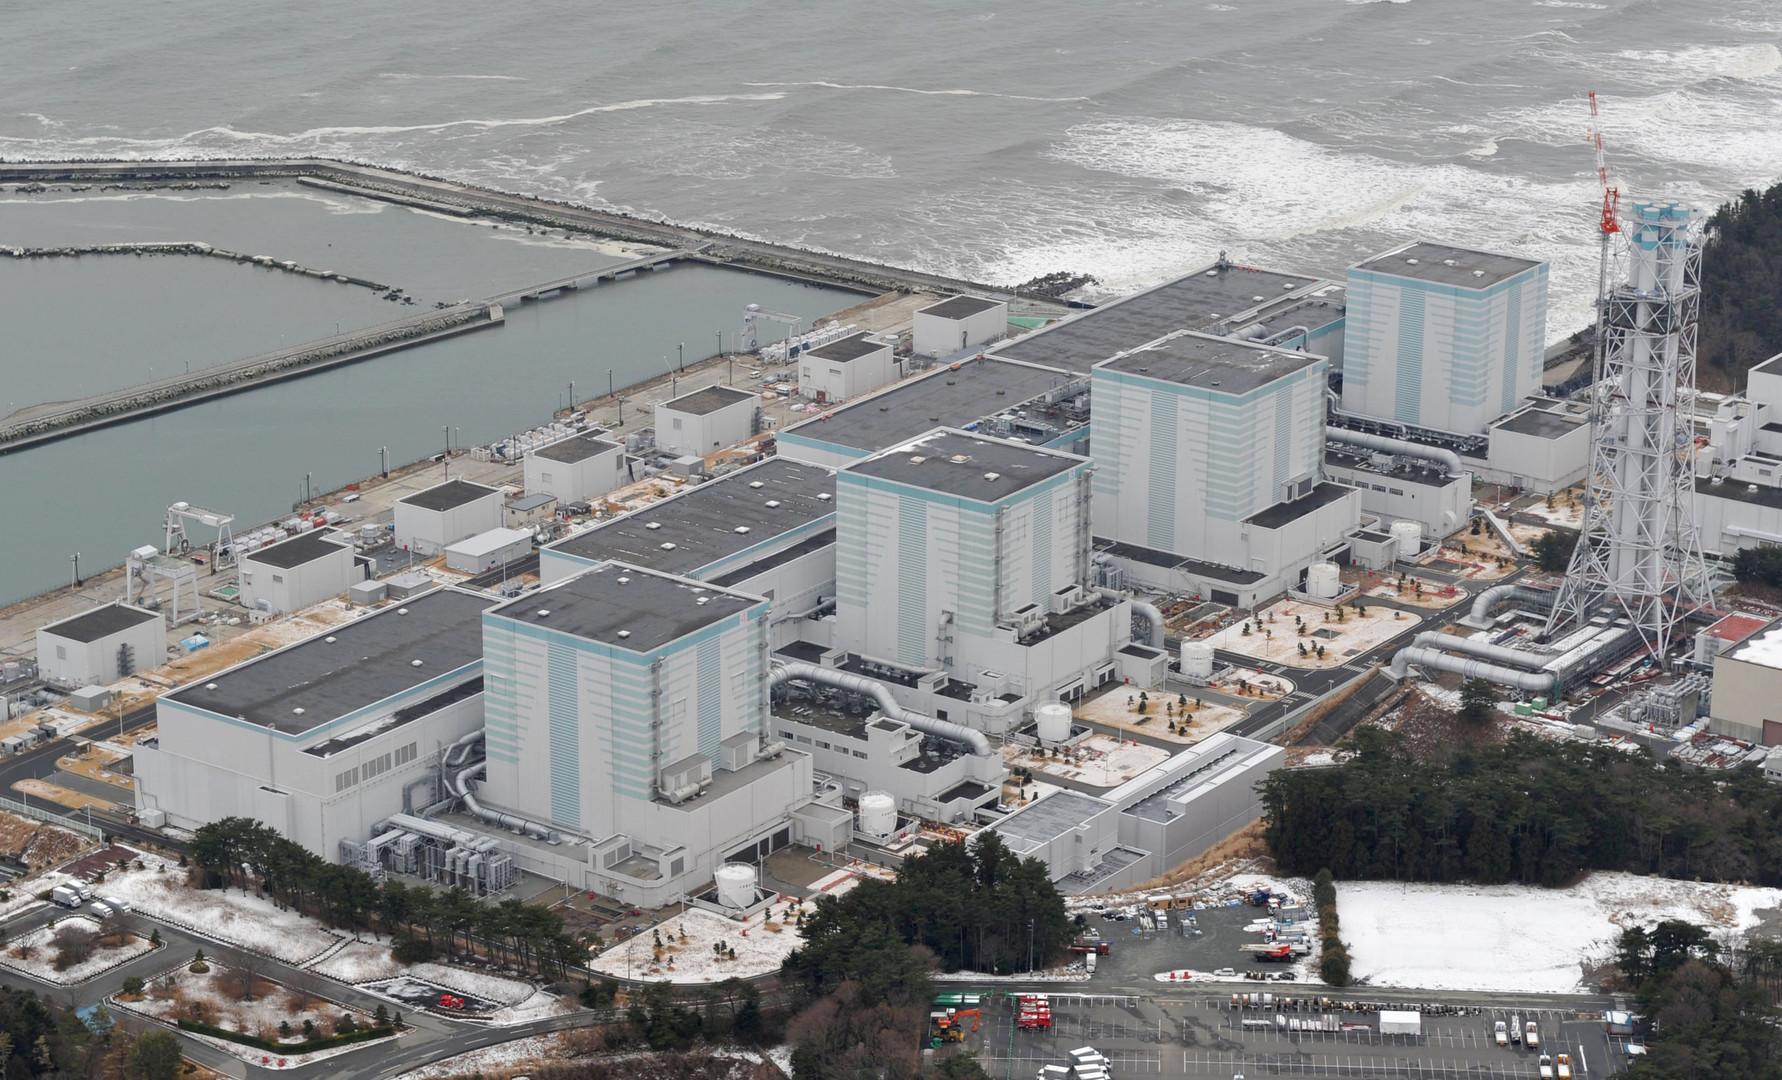 Море волнуется два: на востоке Японии произошло мощнейшее с 2011 года землетрясение